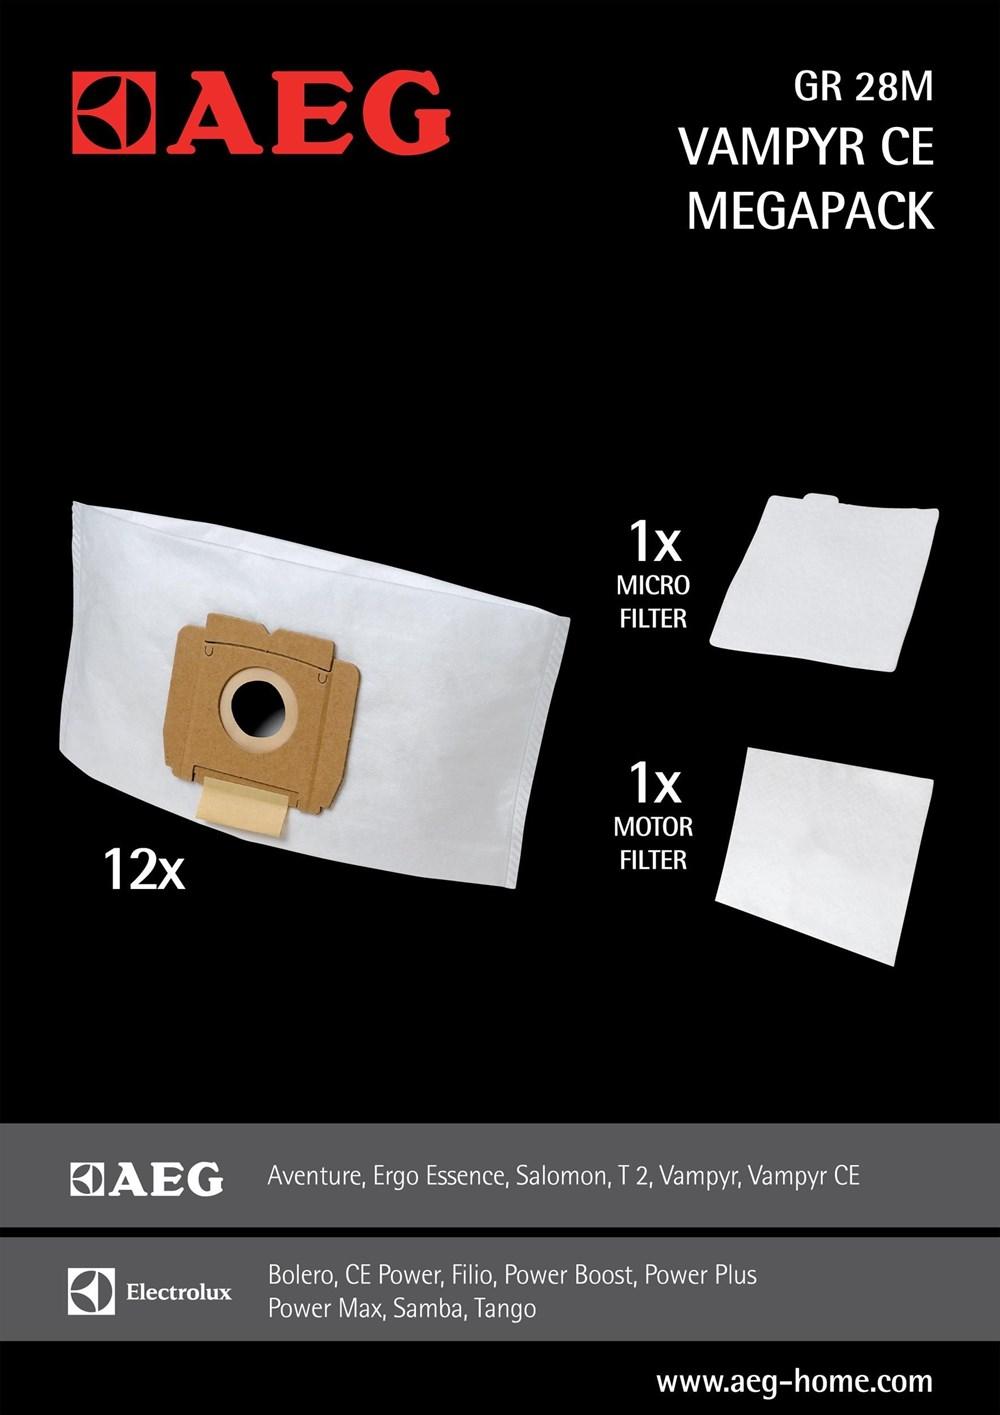 aeg gr sse 28m staubsaugerbeutel megapack f r vampyr ce 12 beutel ebay. Black Bedroom Furniture Sets. Home Design Ideas